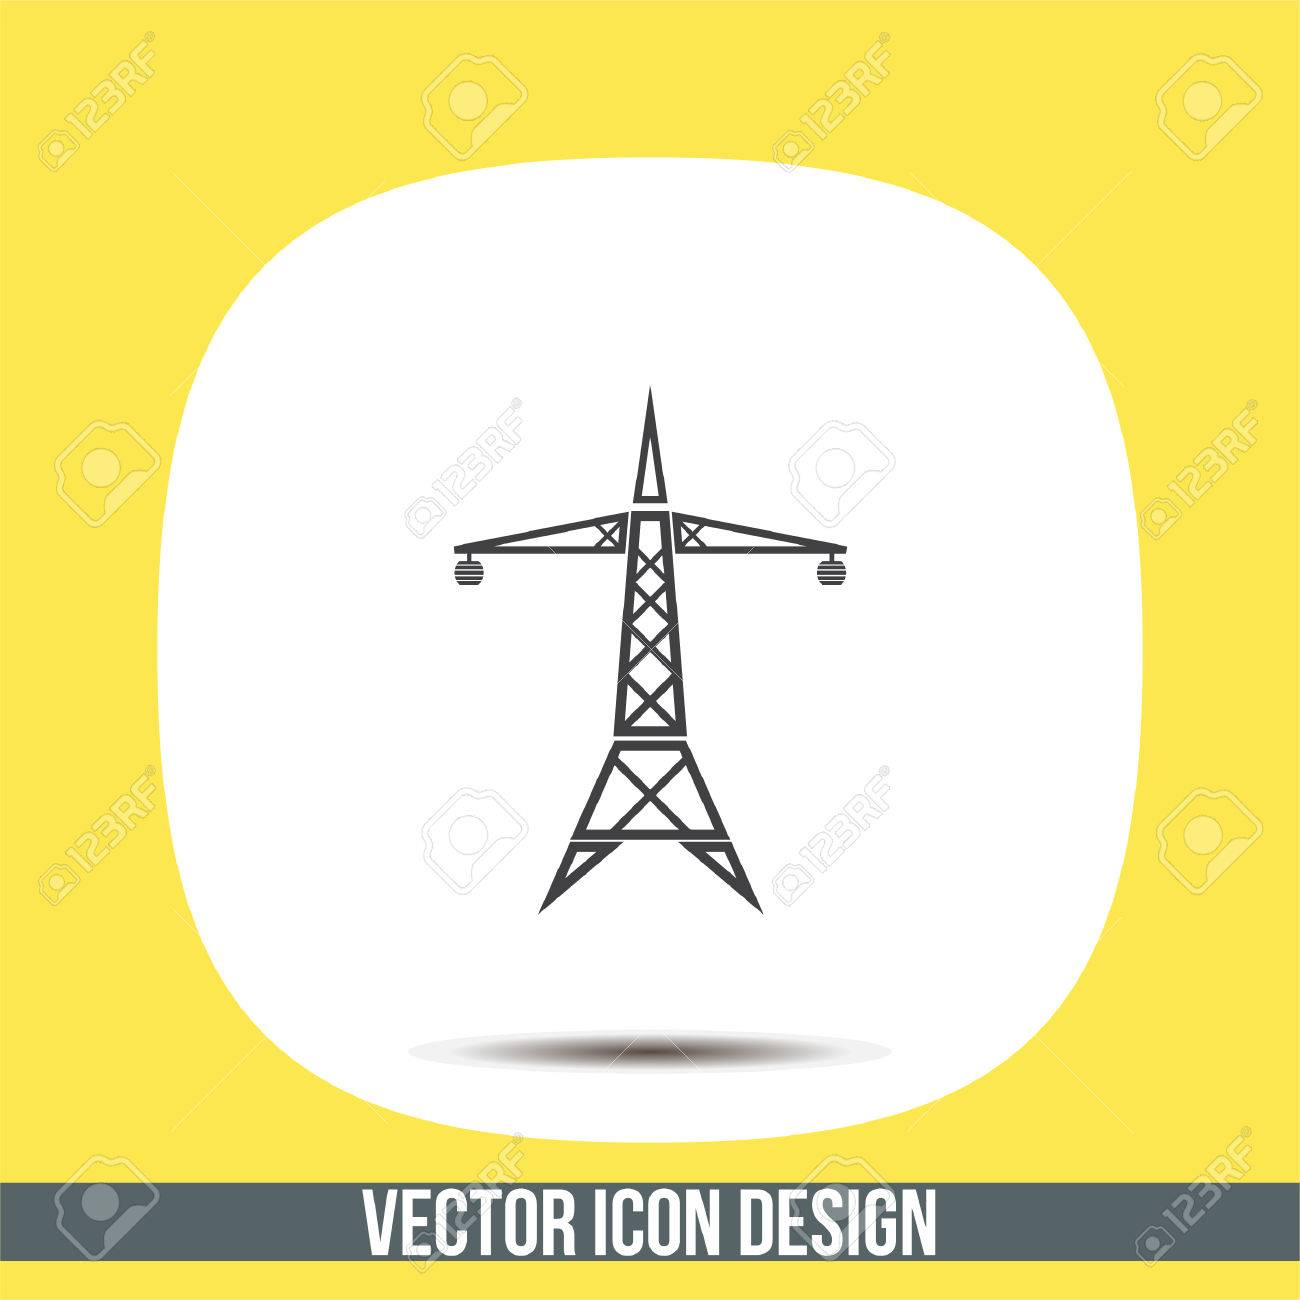 Power Line Vektor-Symbol. Elektrische Turm Zeichen. Hohe ...